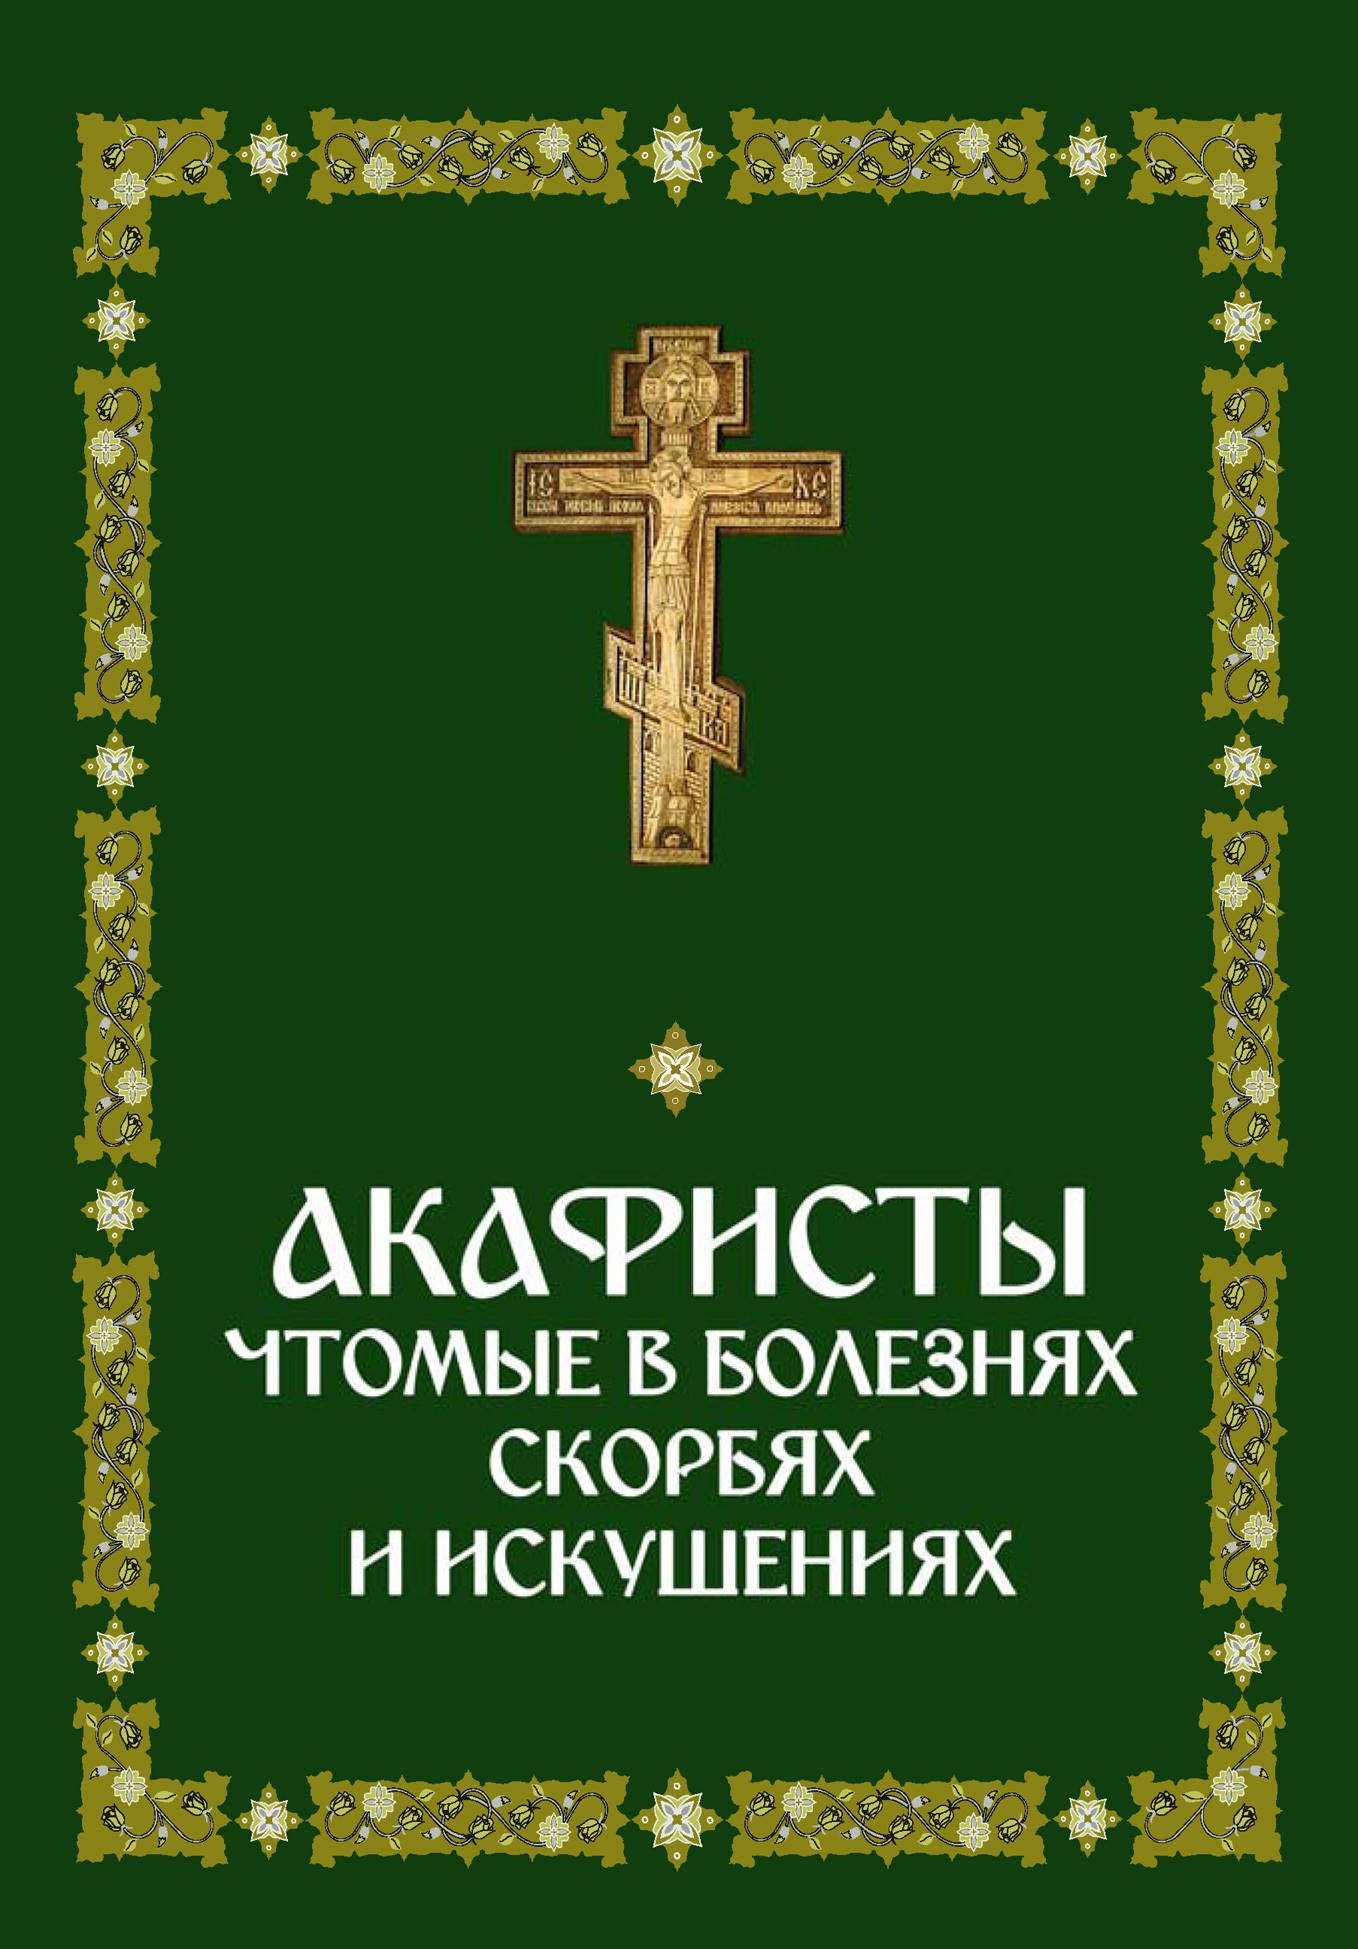 Сборник - Акафисты, чтомые в болезнях, скорбях и искушениях